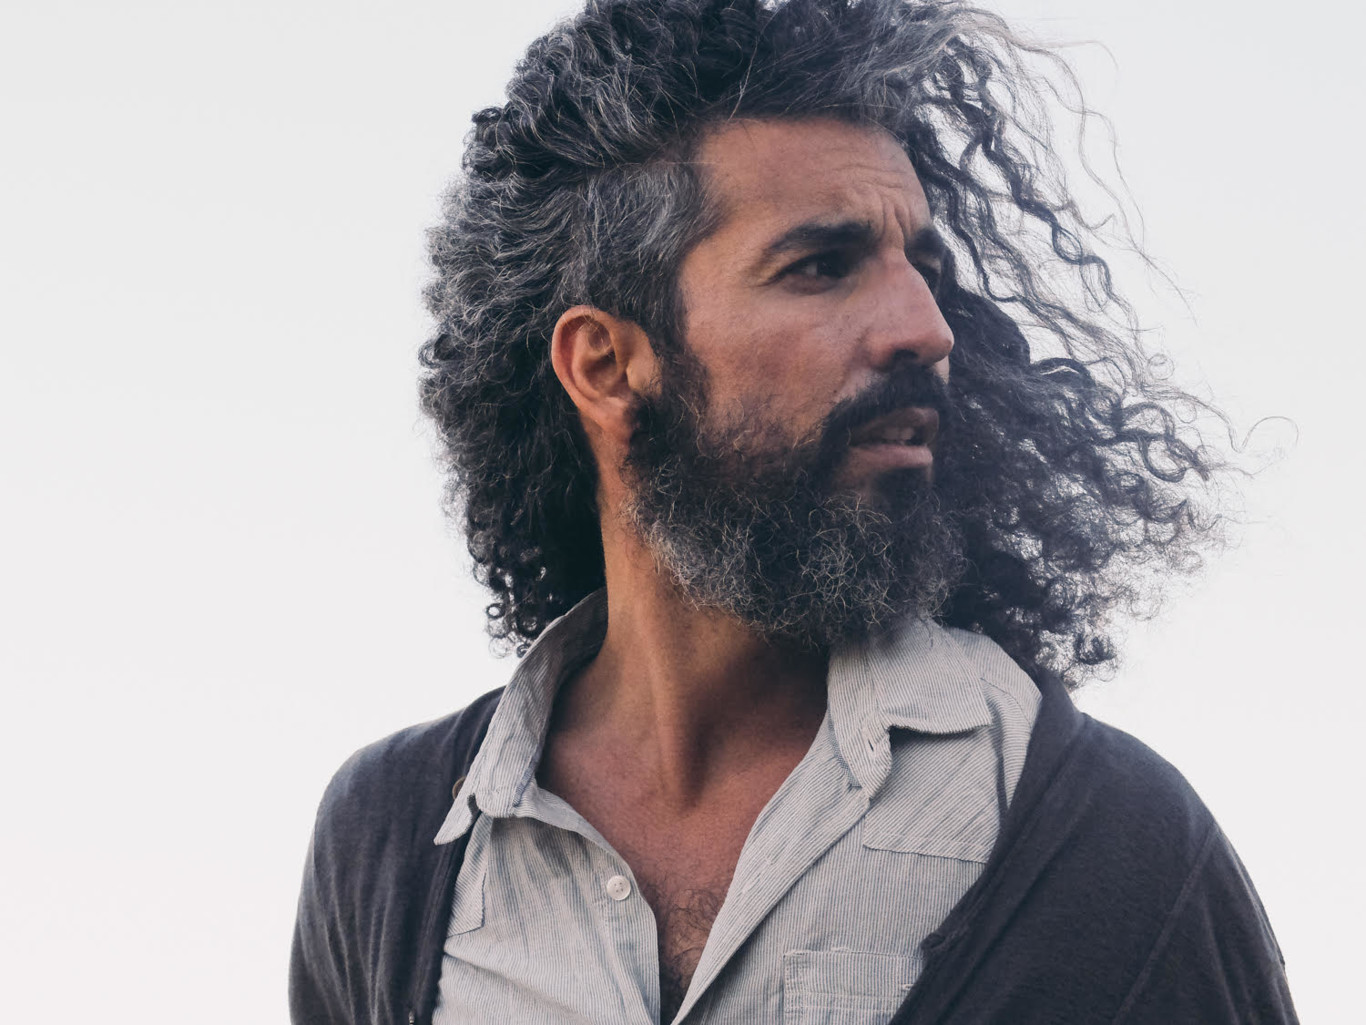 En un viaje colectivo te fuerzas a buscar tu propio estilo», Álvaro Sanz, fotógrafo y realizador audiovisual